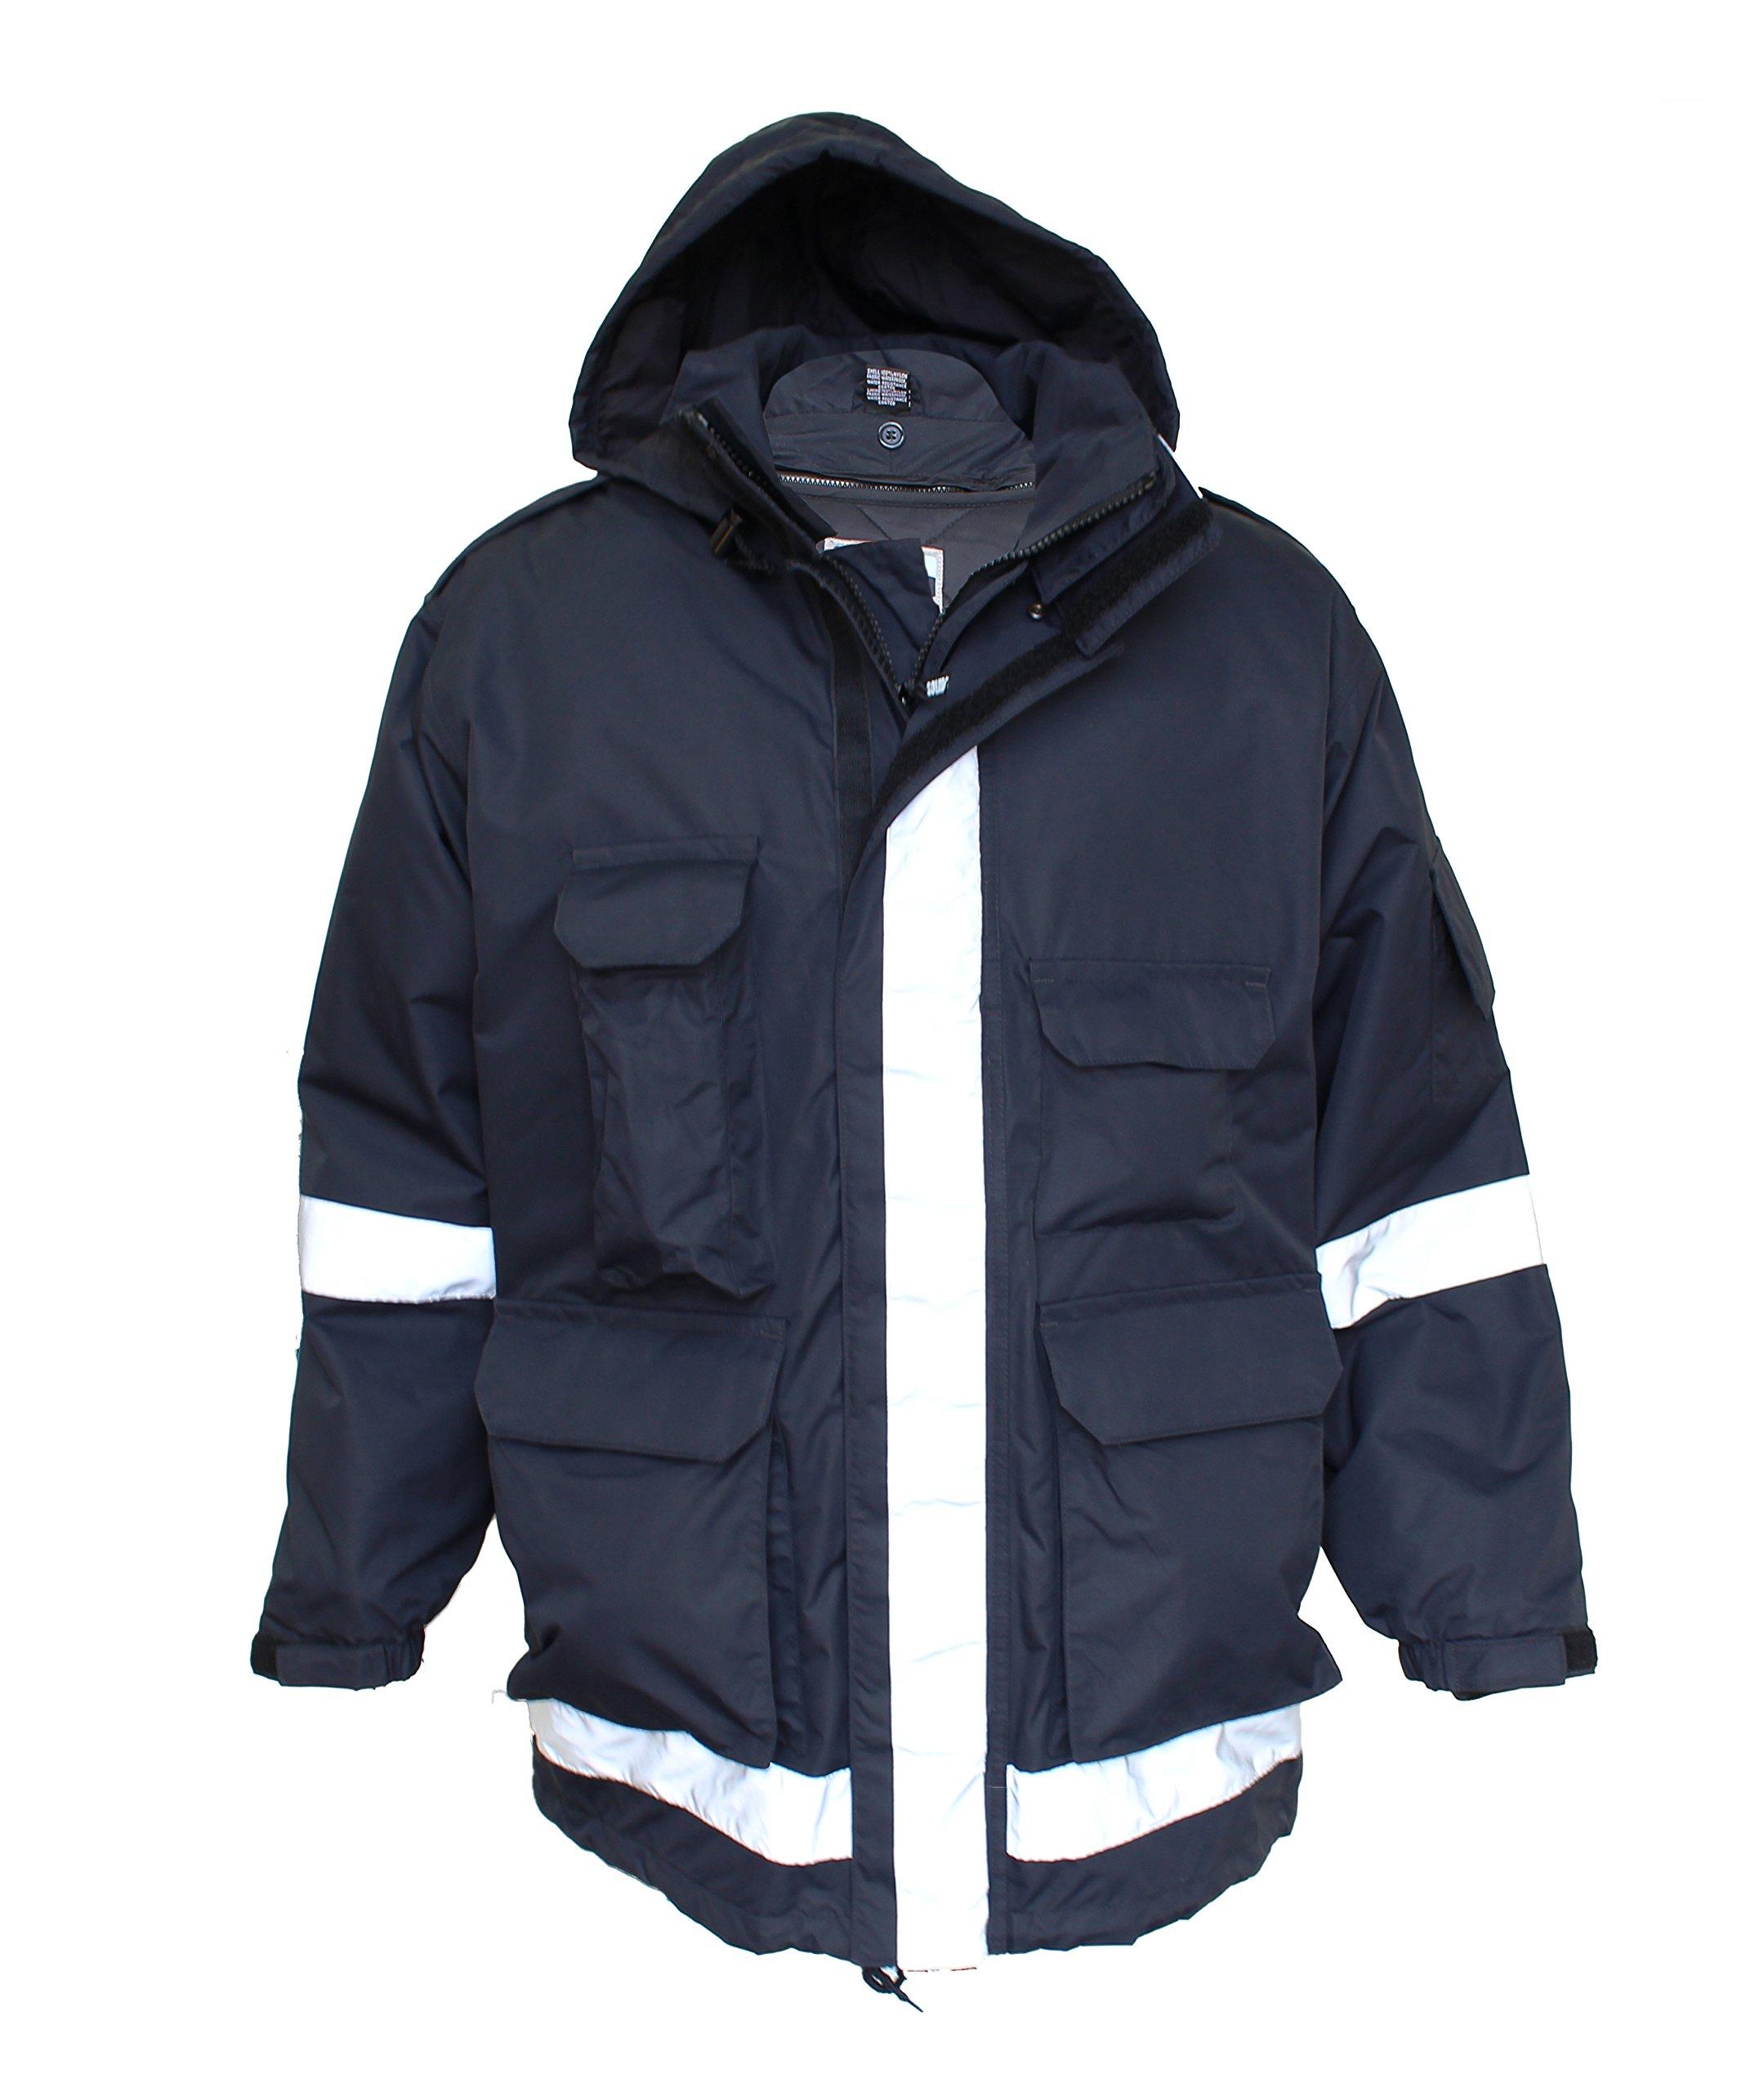 Solar 1 Clothing EMO1 EMS Jacket With Bloodborne Pathogen Protection, Navy, Large